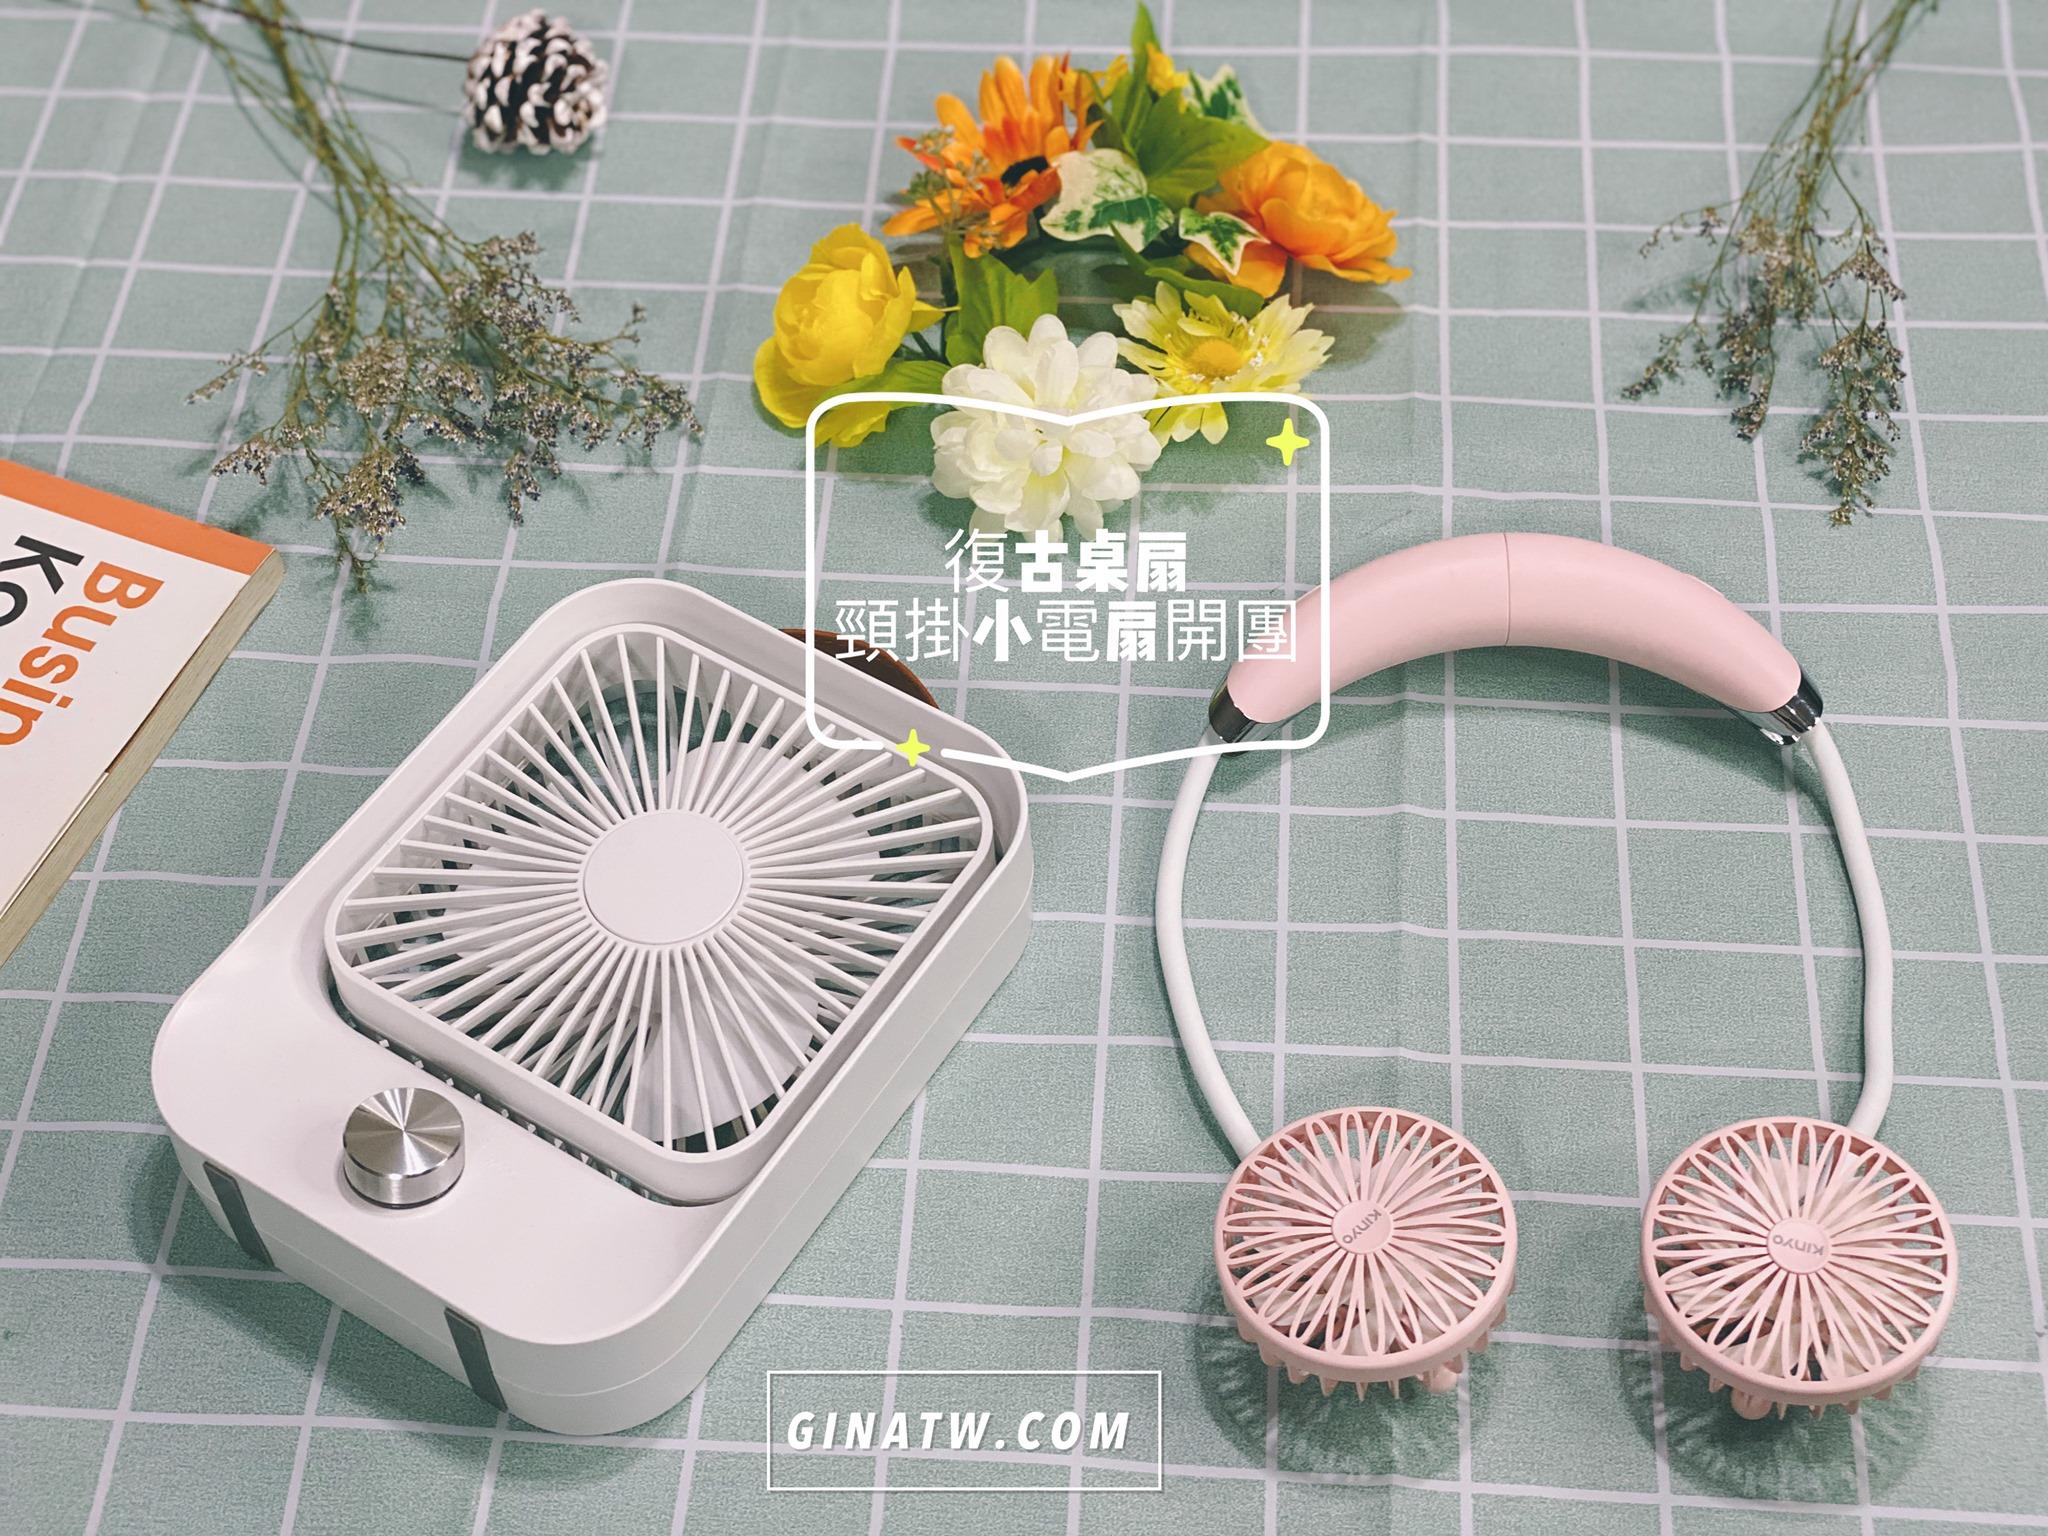 KINYO靜音復古無段式桌扇UF-5750|USB頸掛分享扇UF-180 @GINA環球旅行生活